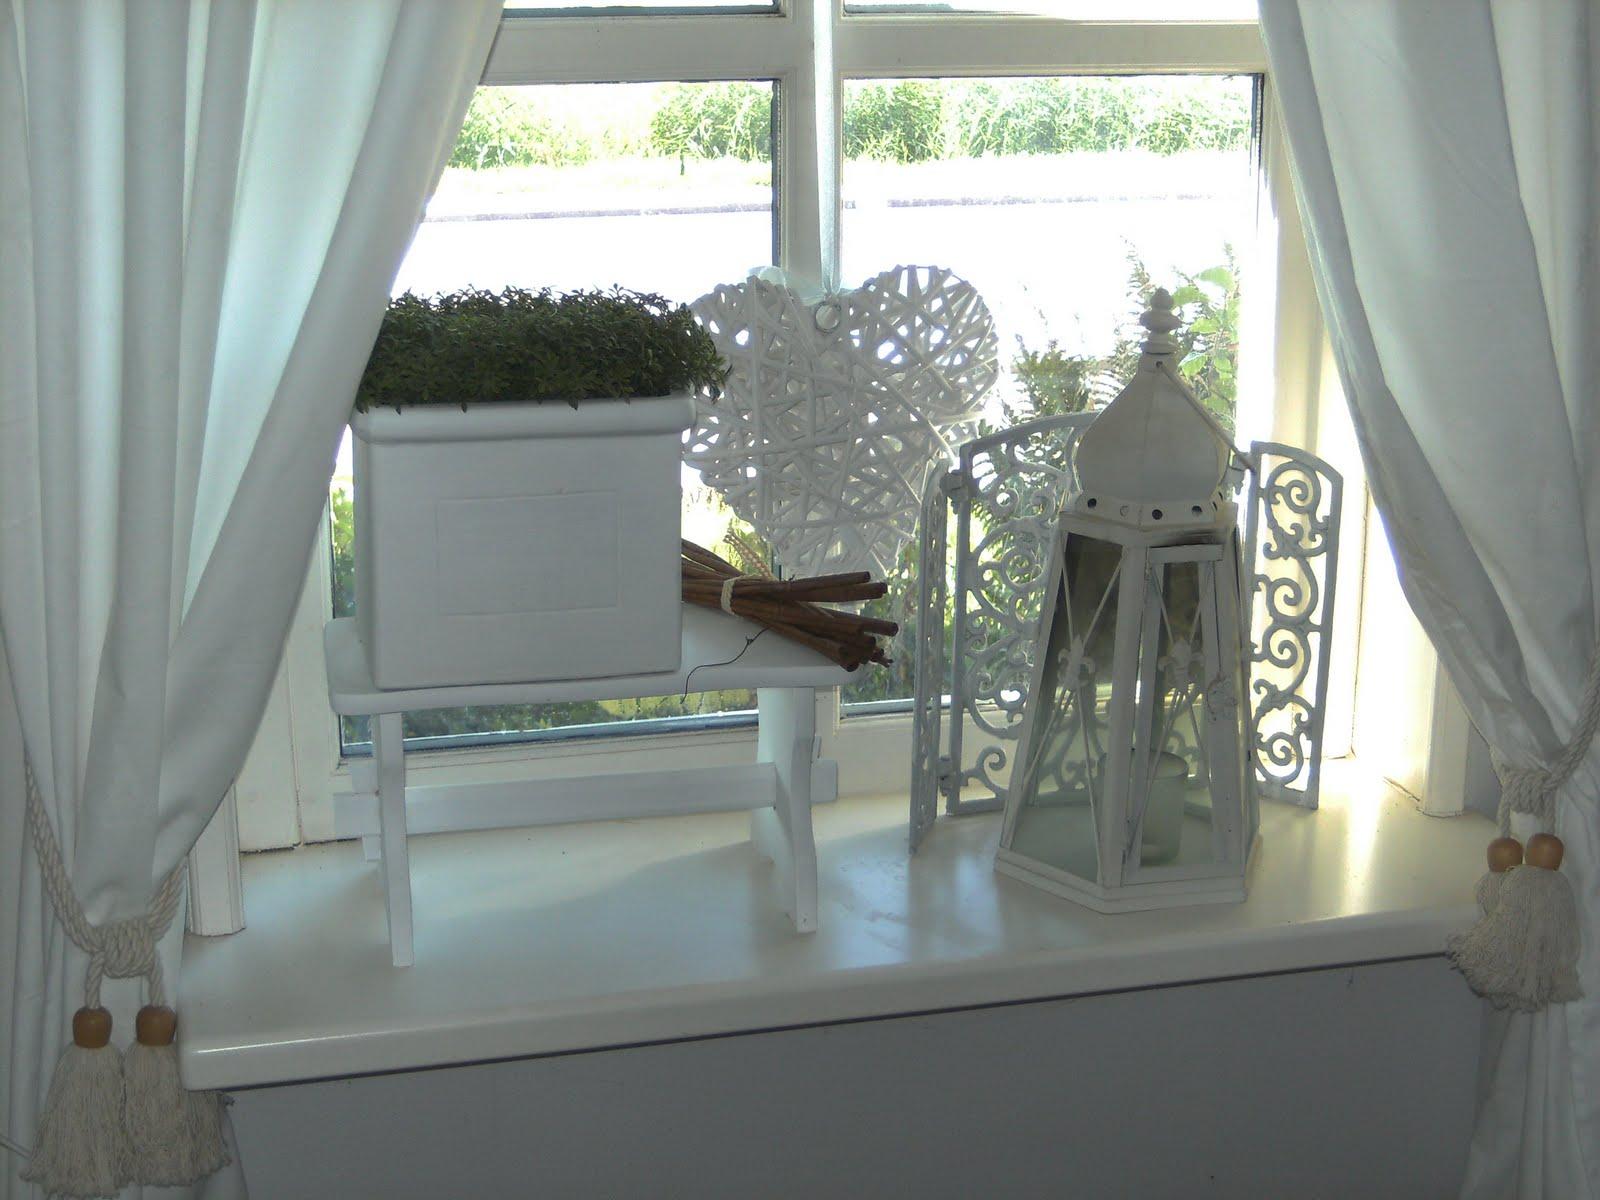 Brocante Keuken Ideeen : De brocante houtschuur: Ook vensterbanken…